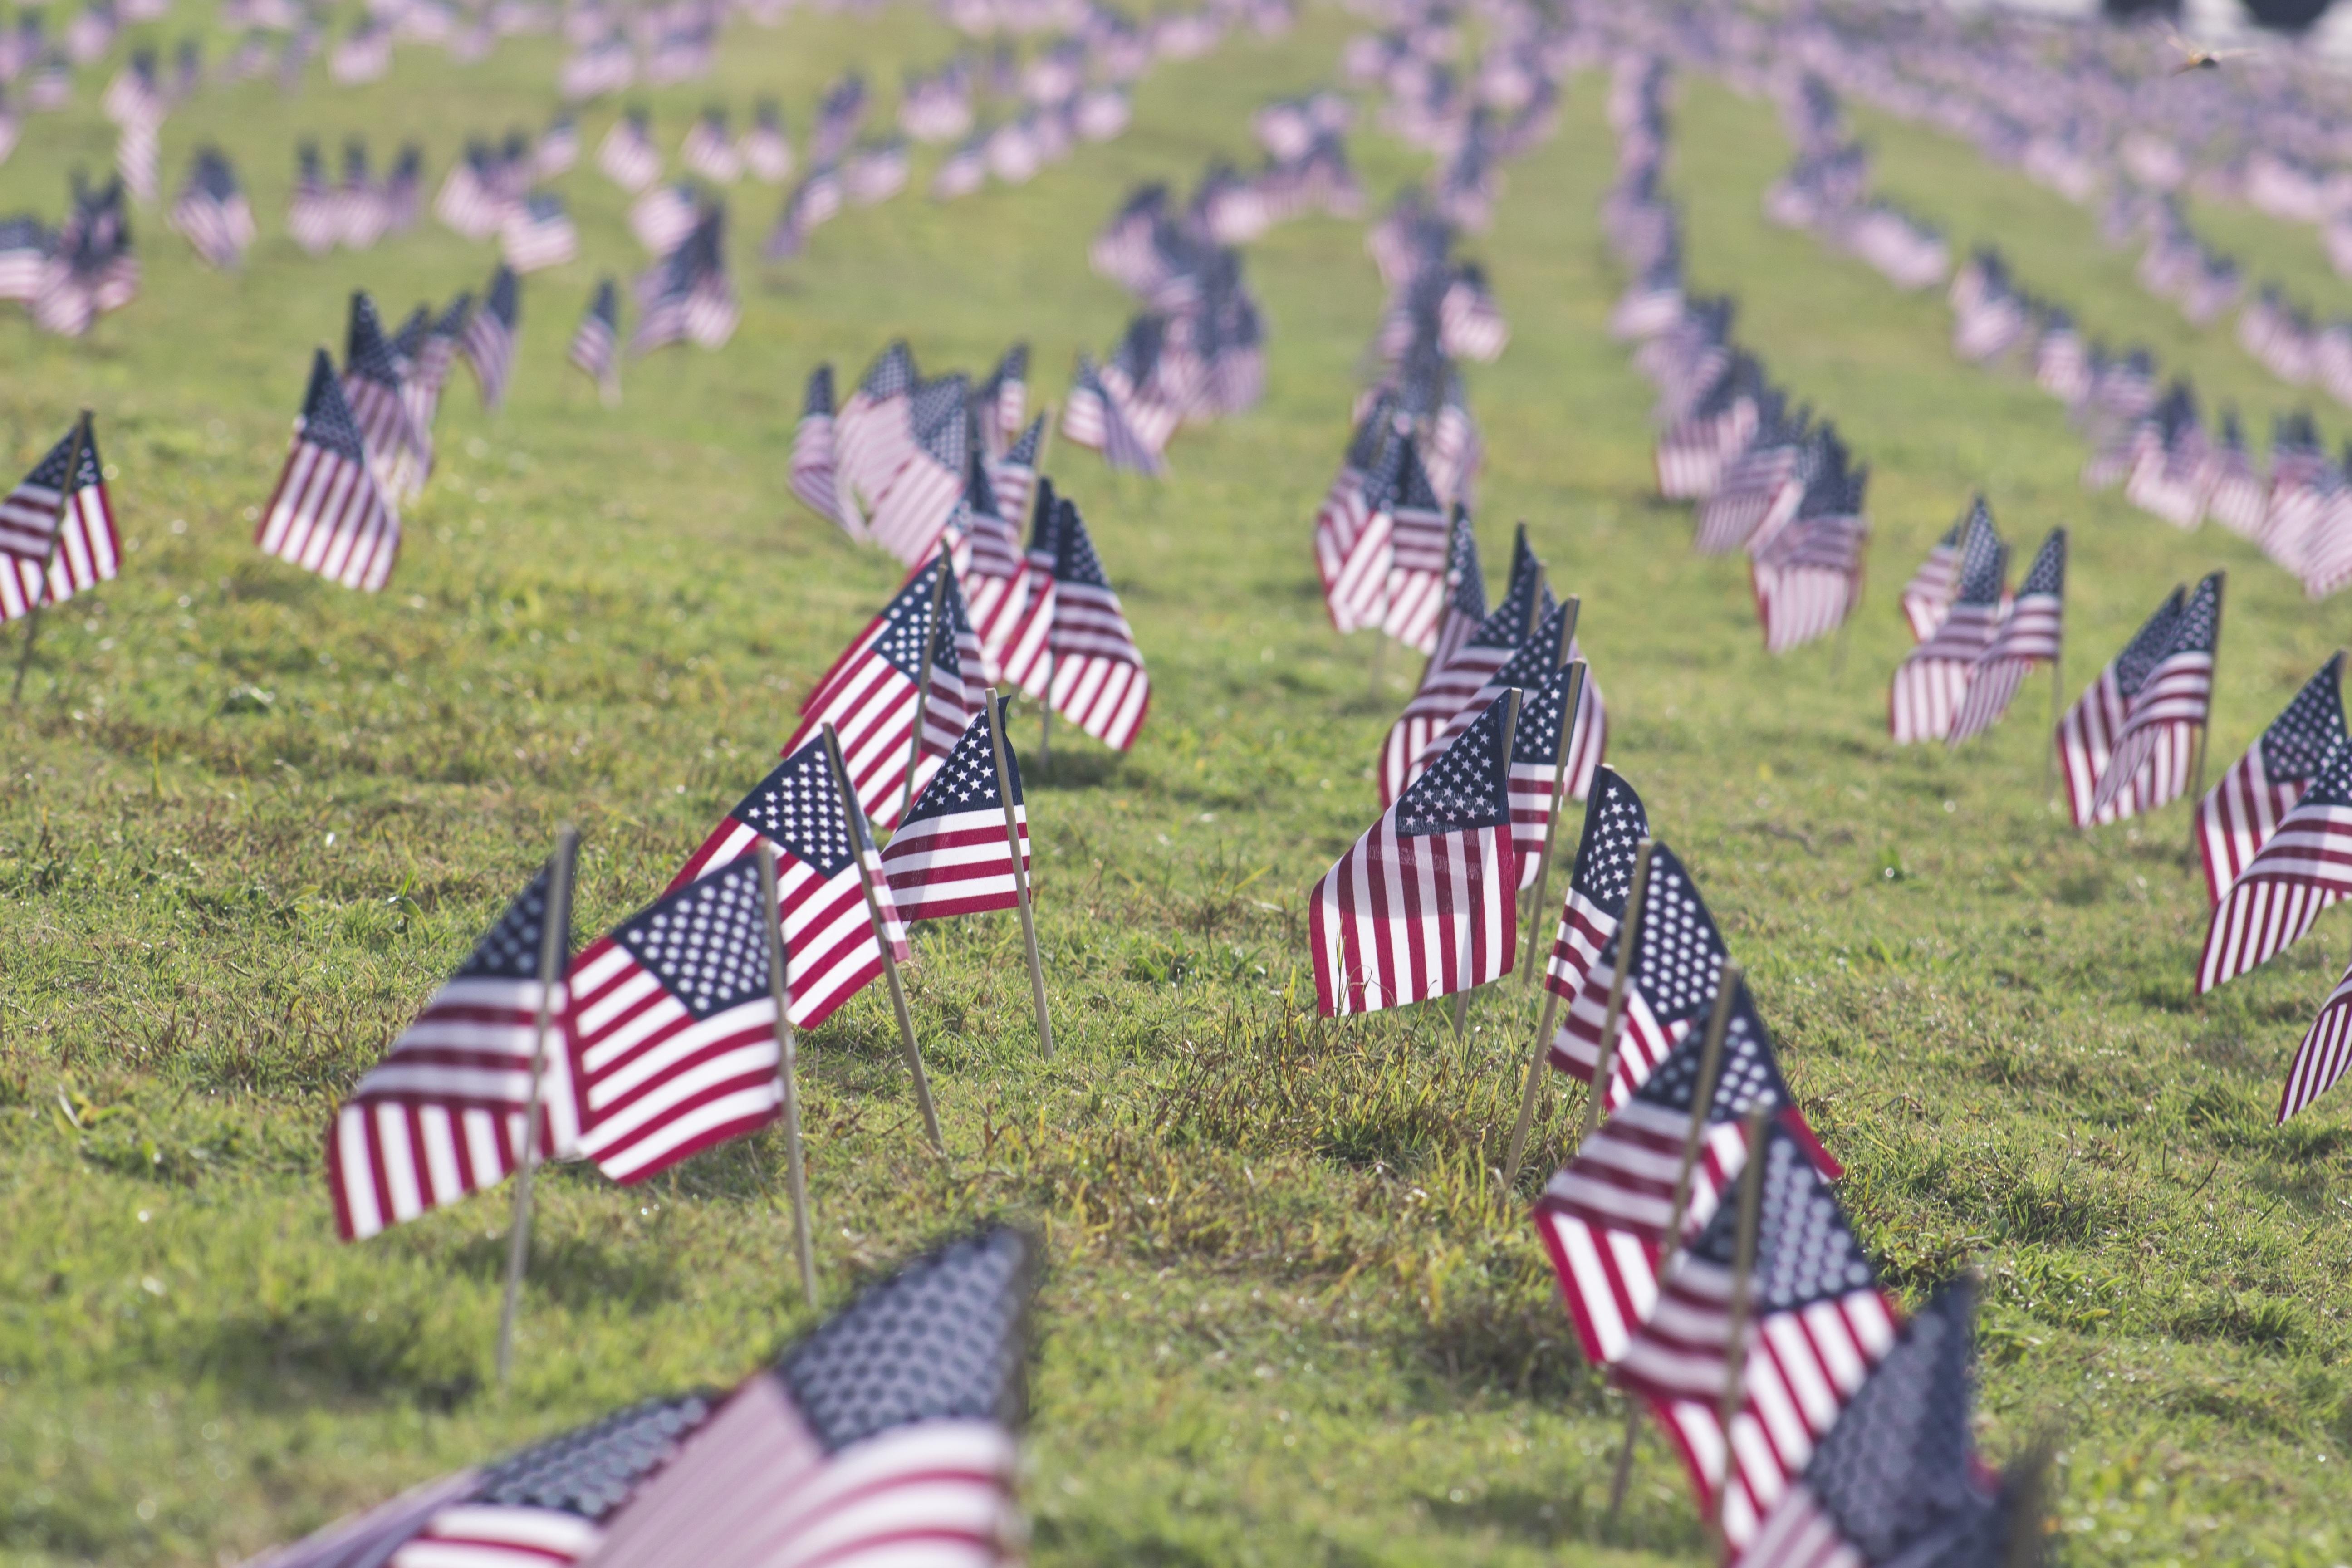 76718 Заставки и Обои Флаги на телефон. Скачать Флаги, Разное, Символика, Американский, Патриотизм картинки бесплатно